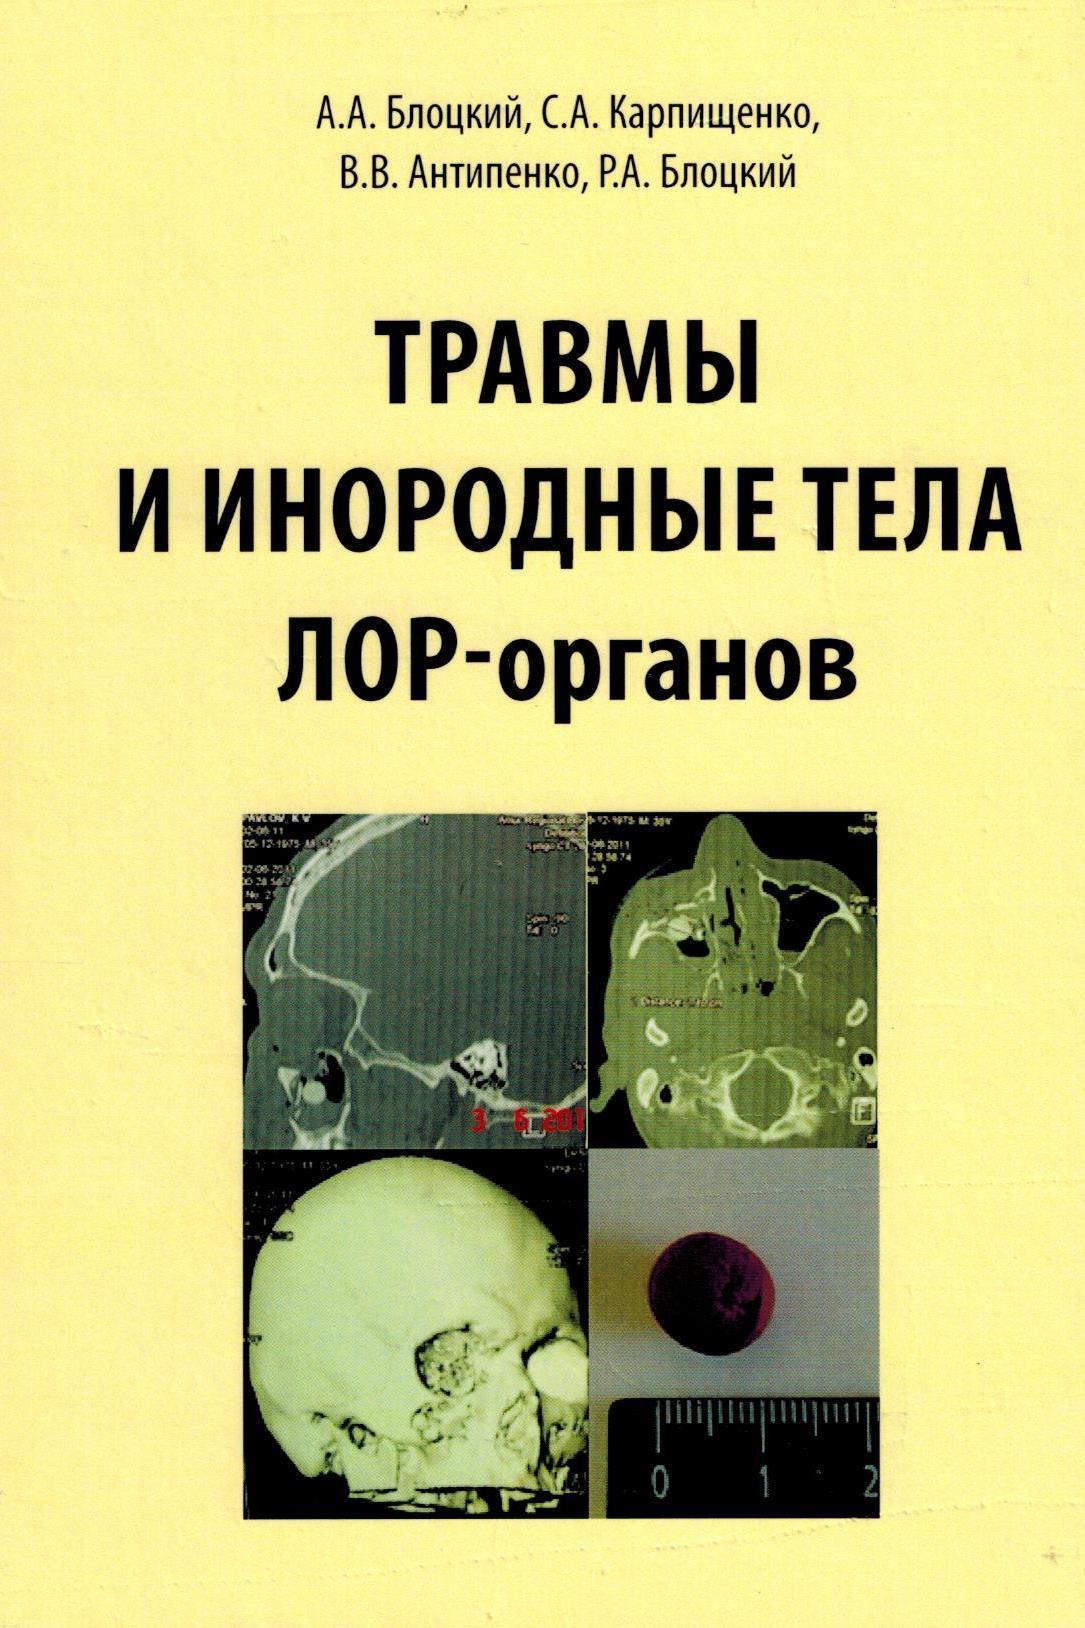 Каталог Травмы и инородные тела ЛОР-органов travmlorobl.jpeg.jpeg